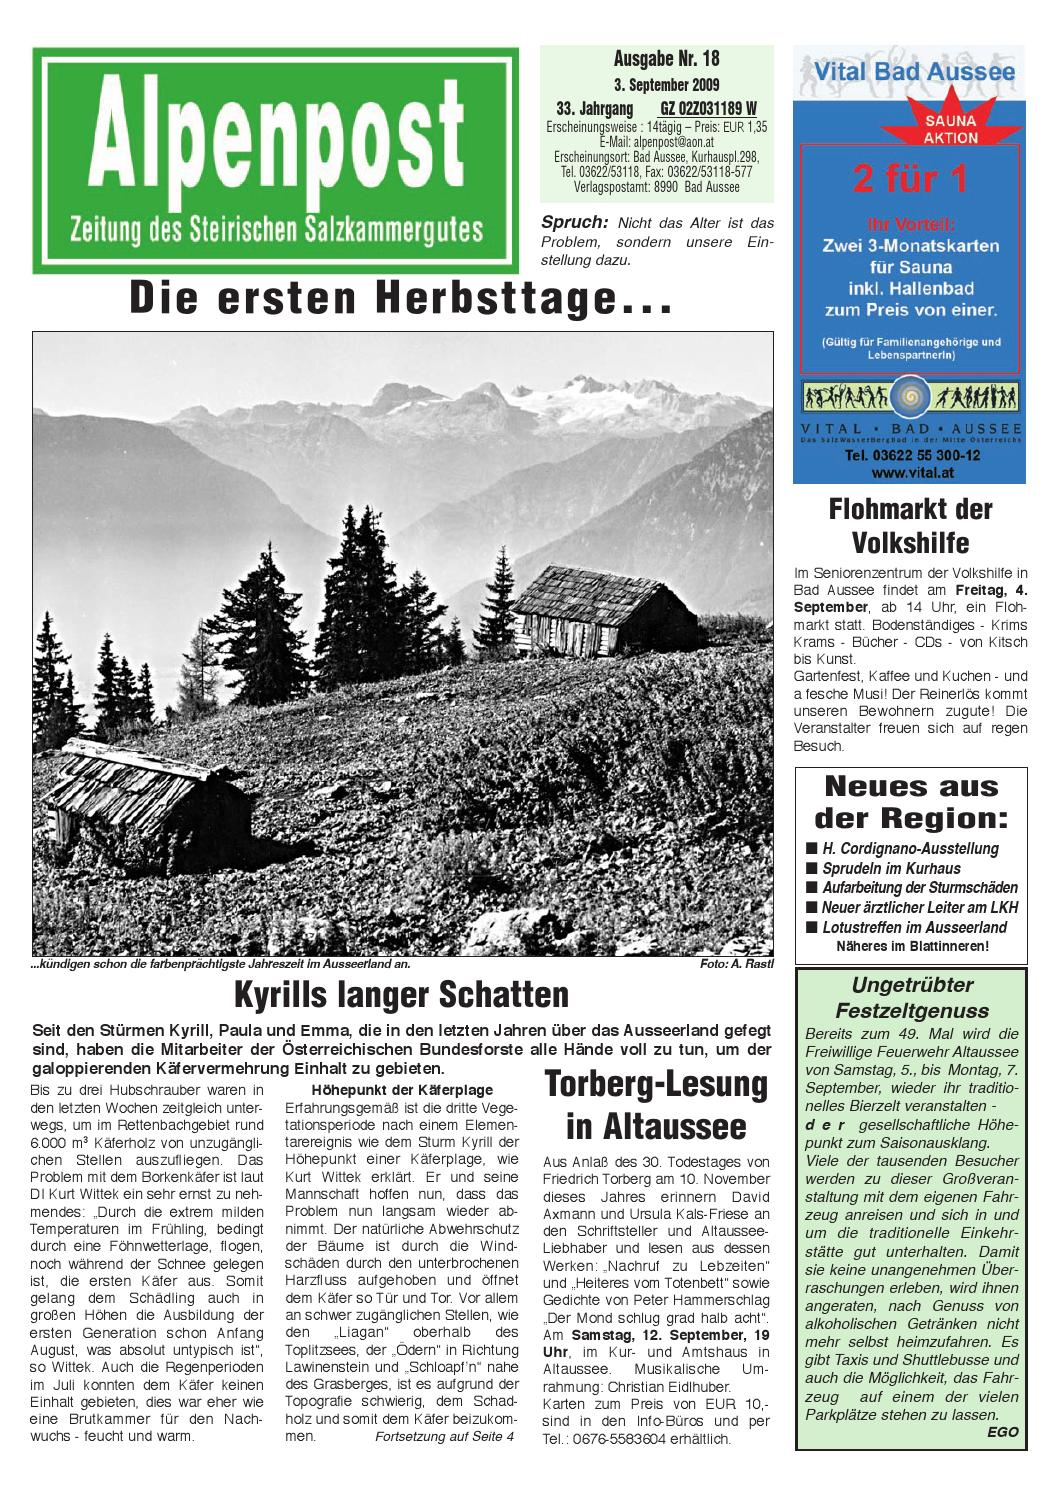 Alpenpost 18 2009 by Alpenpost Redaktion - issuu